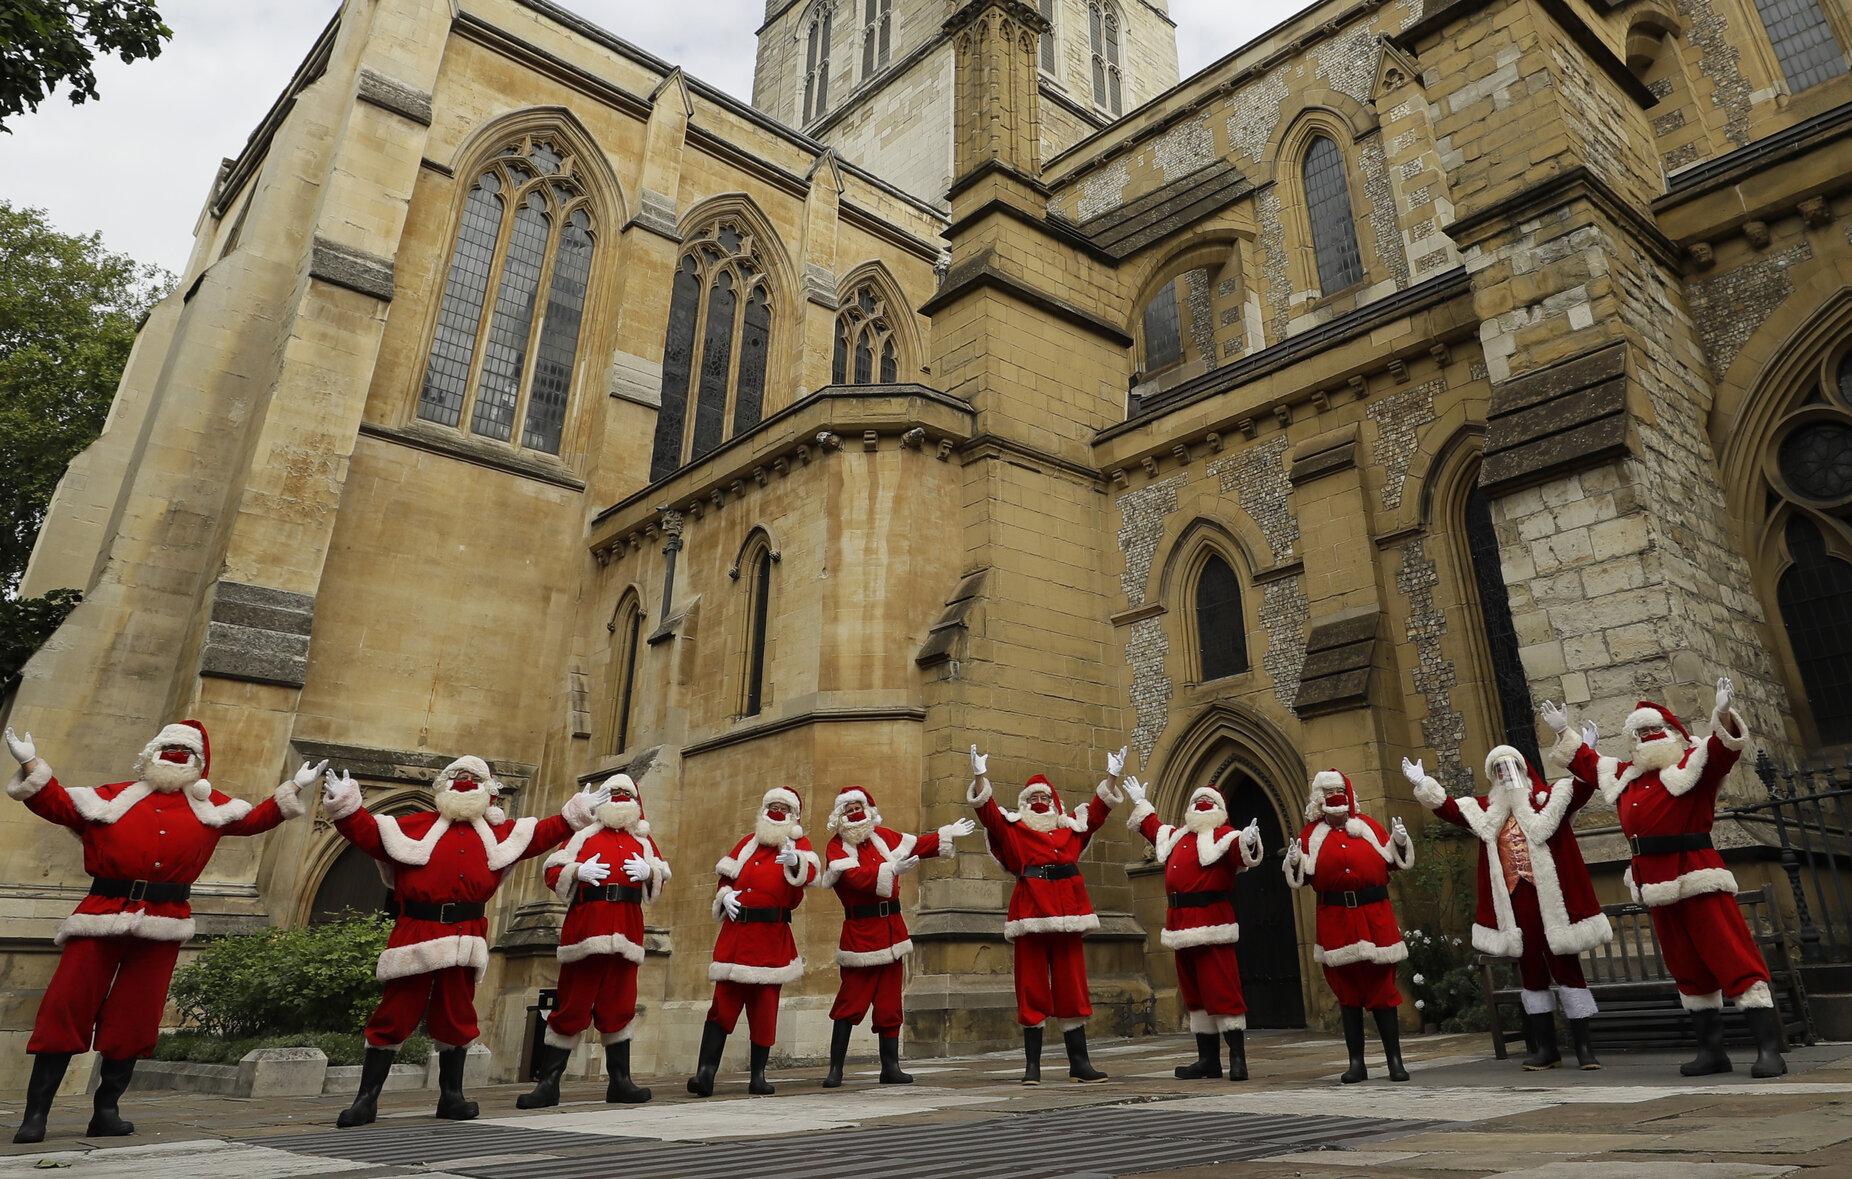 O perioadă de izolare generalizată este singura metodă de a salva Crăciunul, susțin tot mai mulți economiști și politicieni